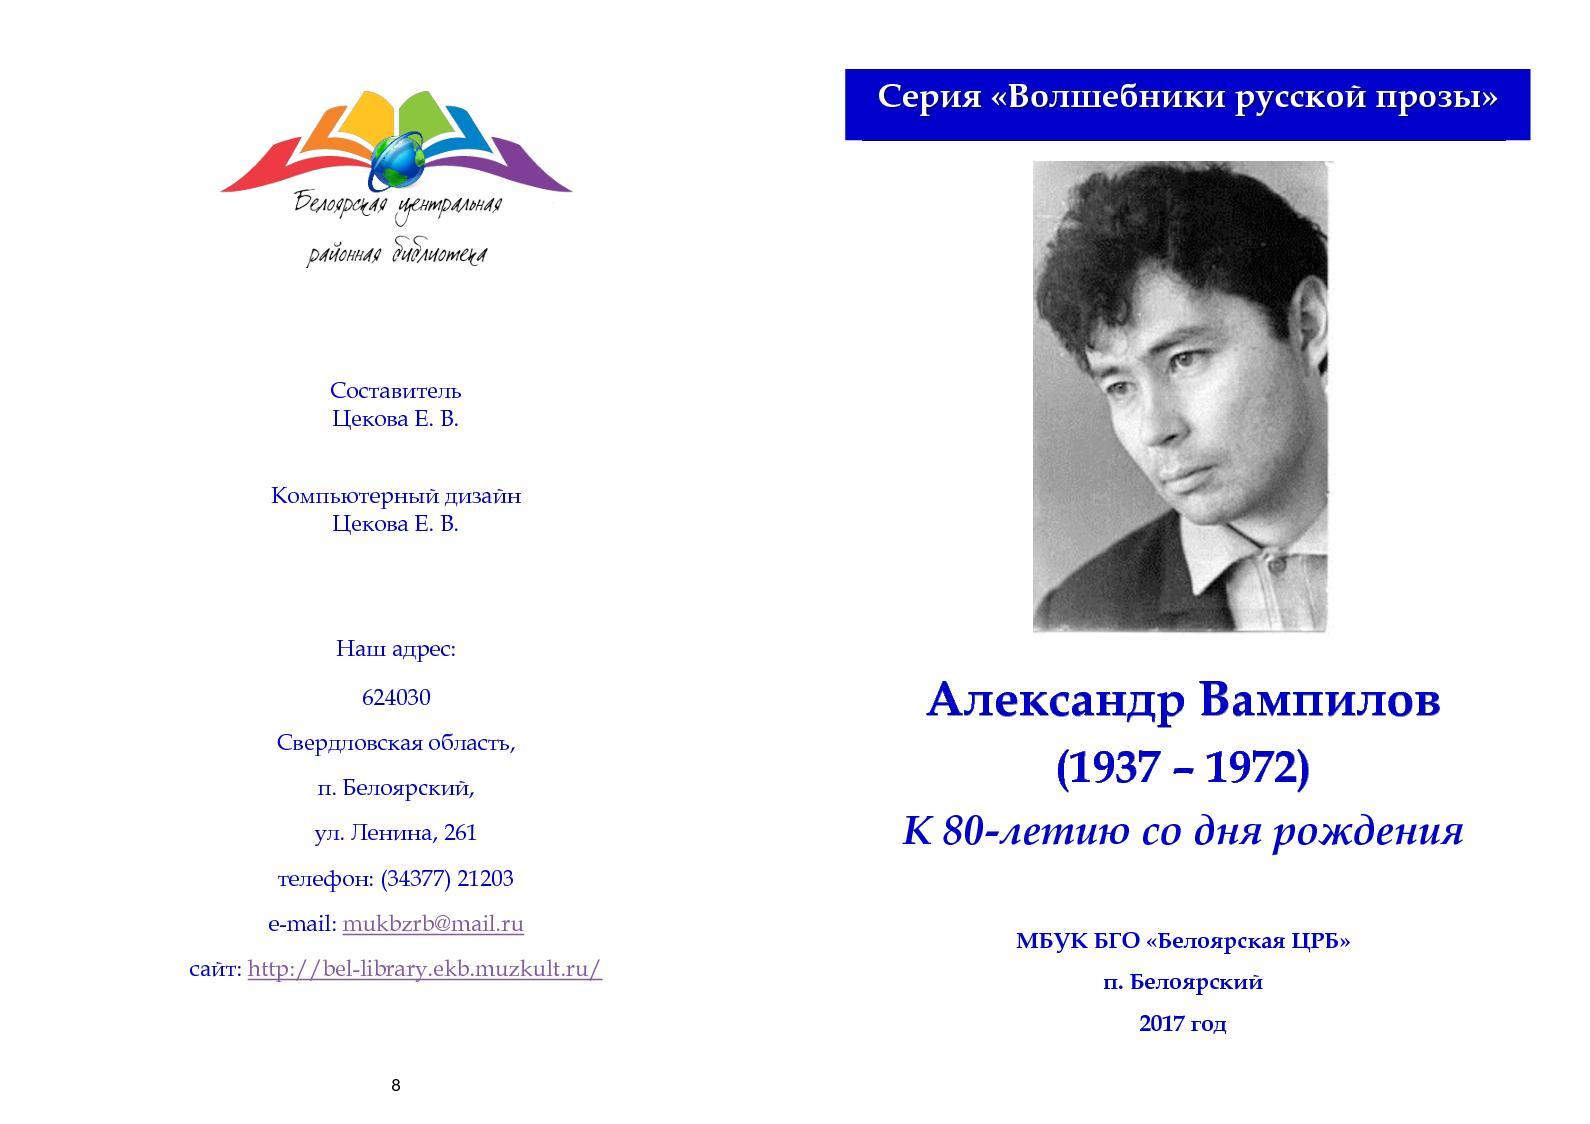 Сборник-буклет об Александре Вампилове